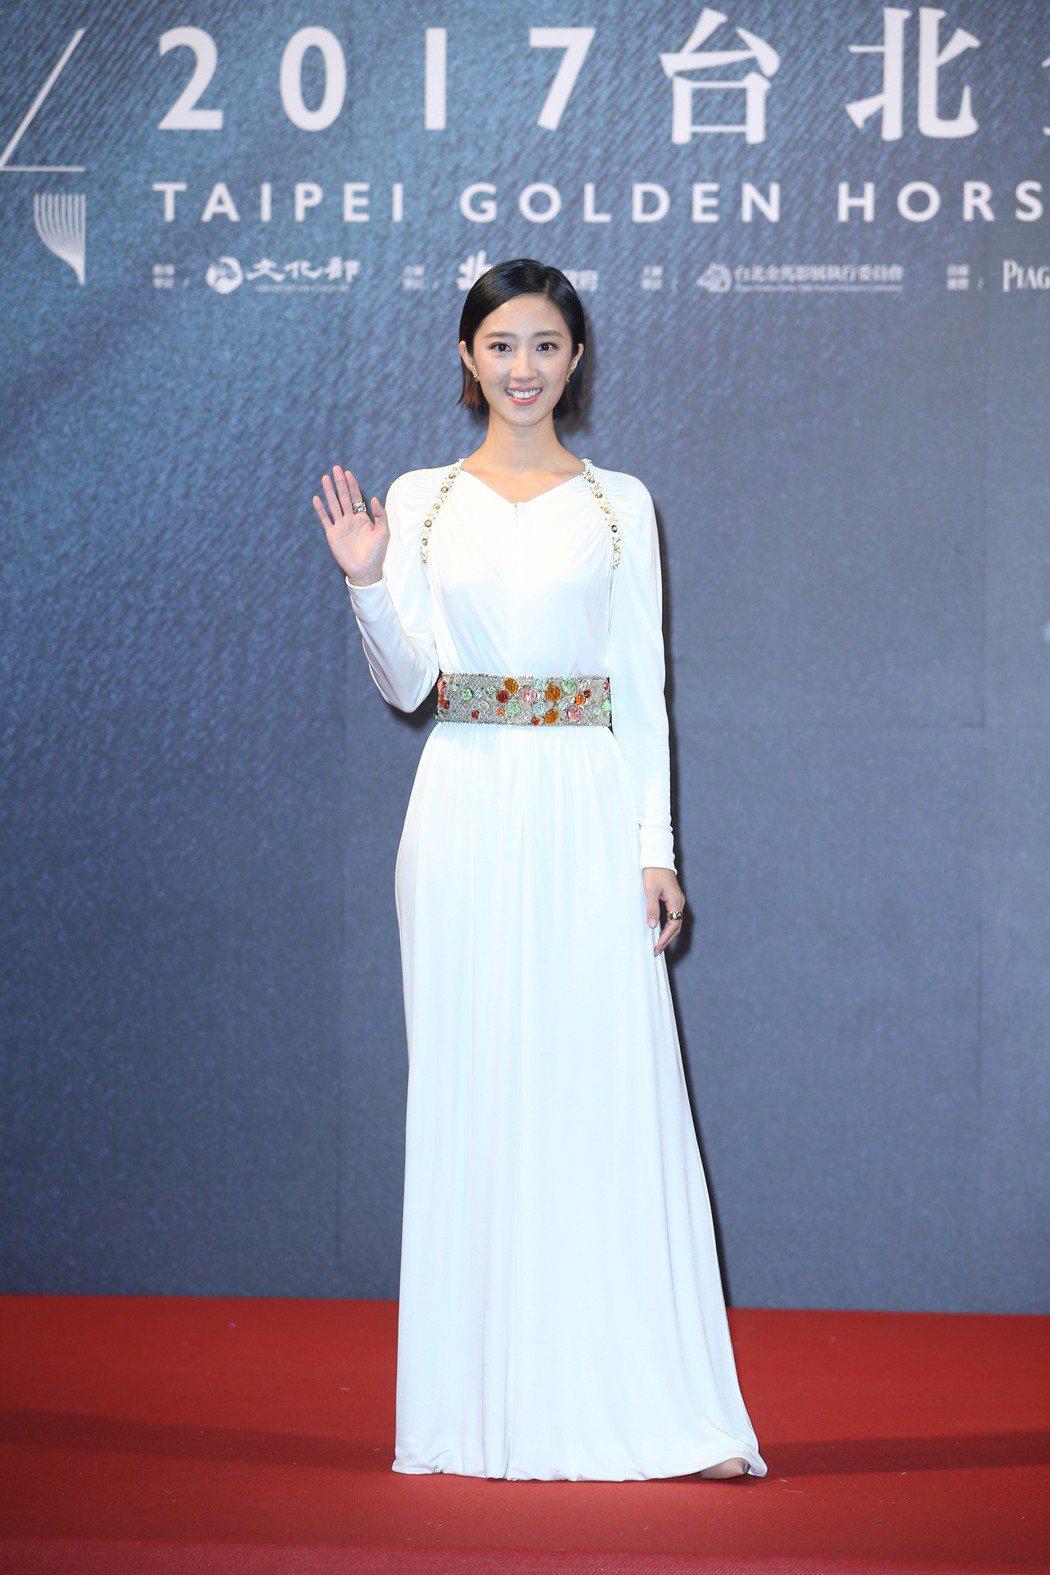 桂綸鎂出席電影「幸福路上」金馬首映。記者陳瑞源/攝影